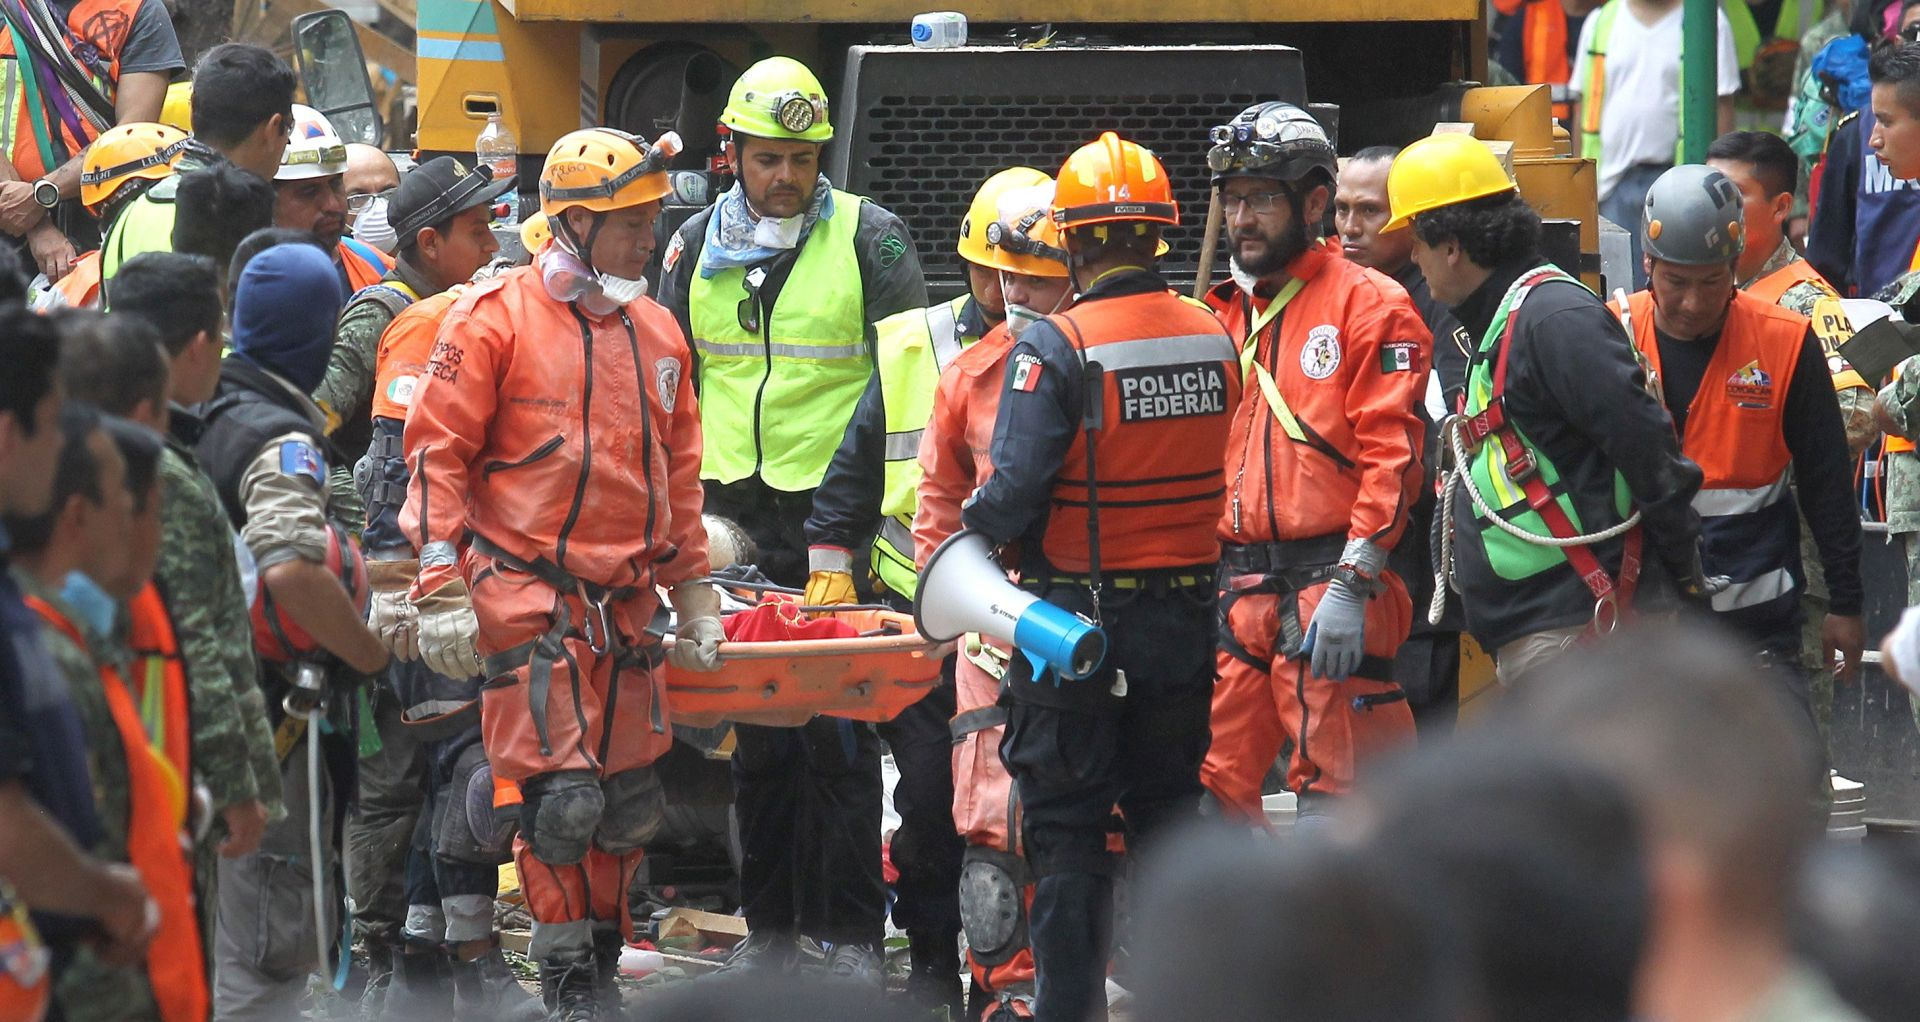 Nakon potresa u Meksiku 70 spašenih, sve manje nade da ima još preživjelih